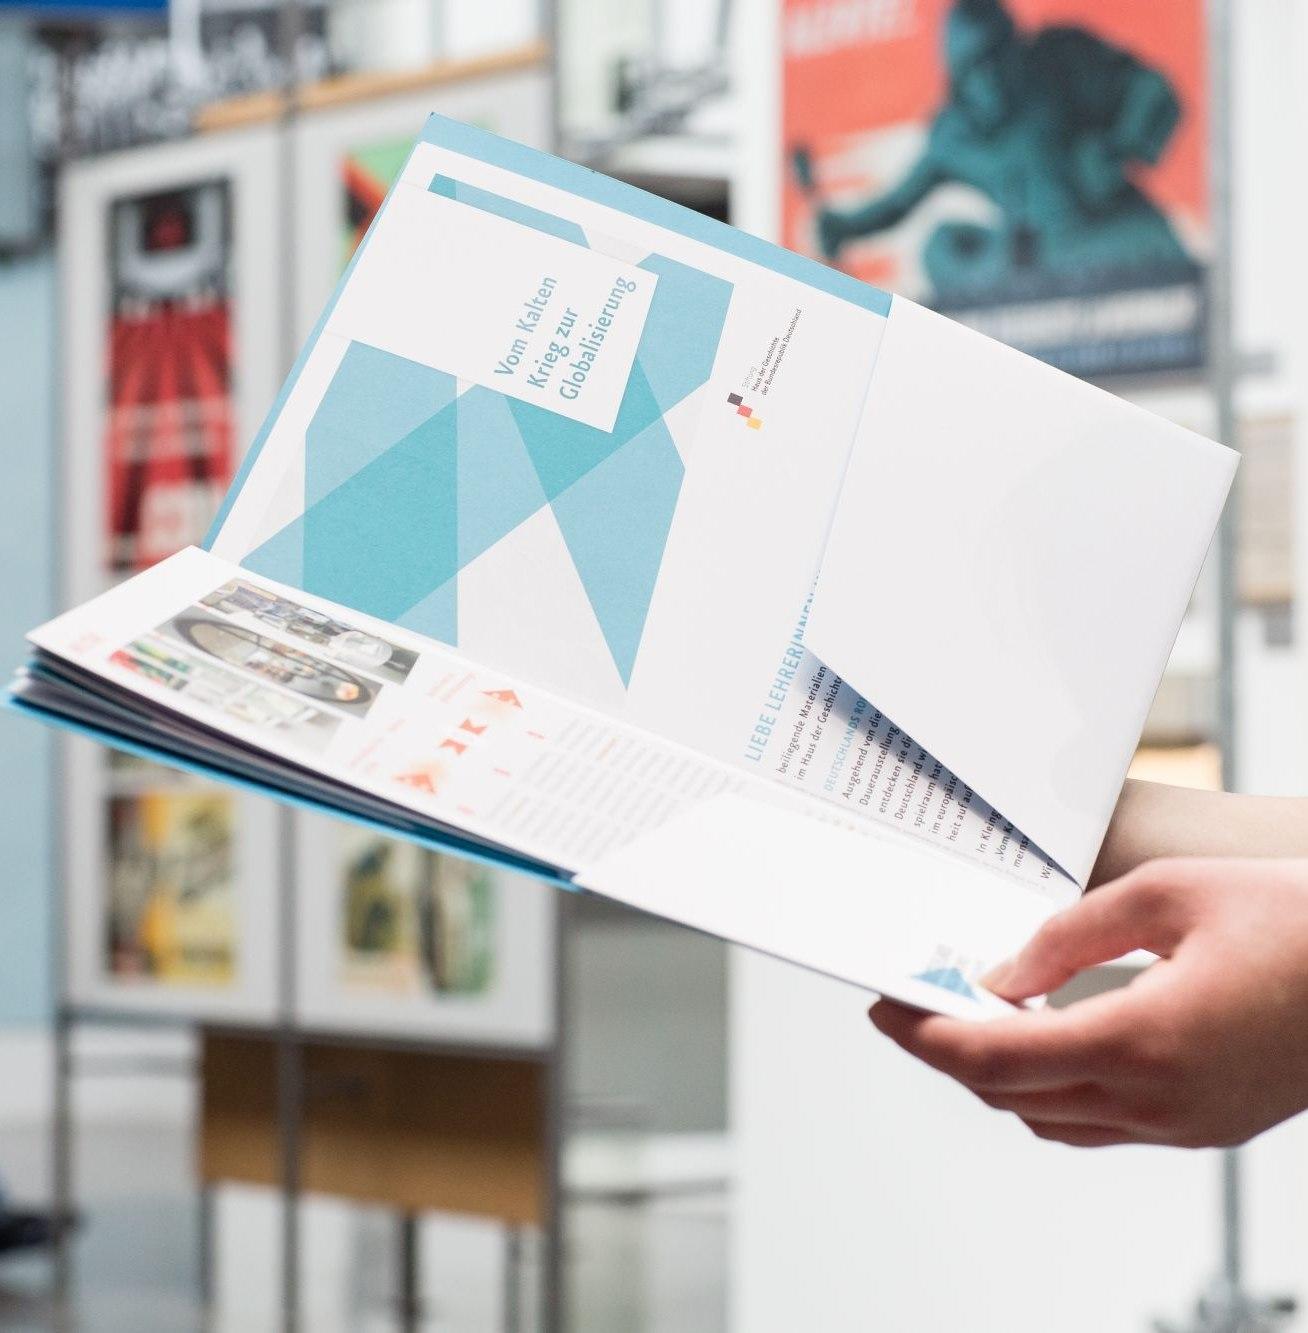 Eine Besucherin betrachtet eine Materialmappe in der Dauerausstellung